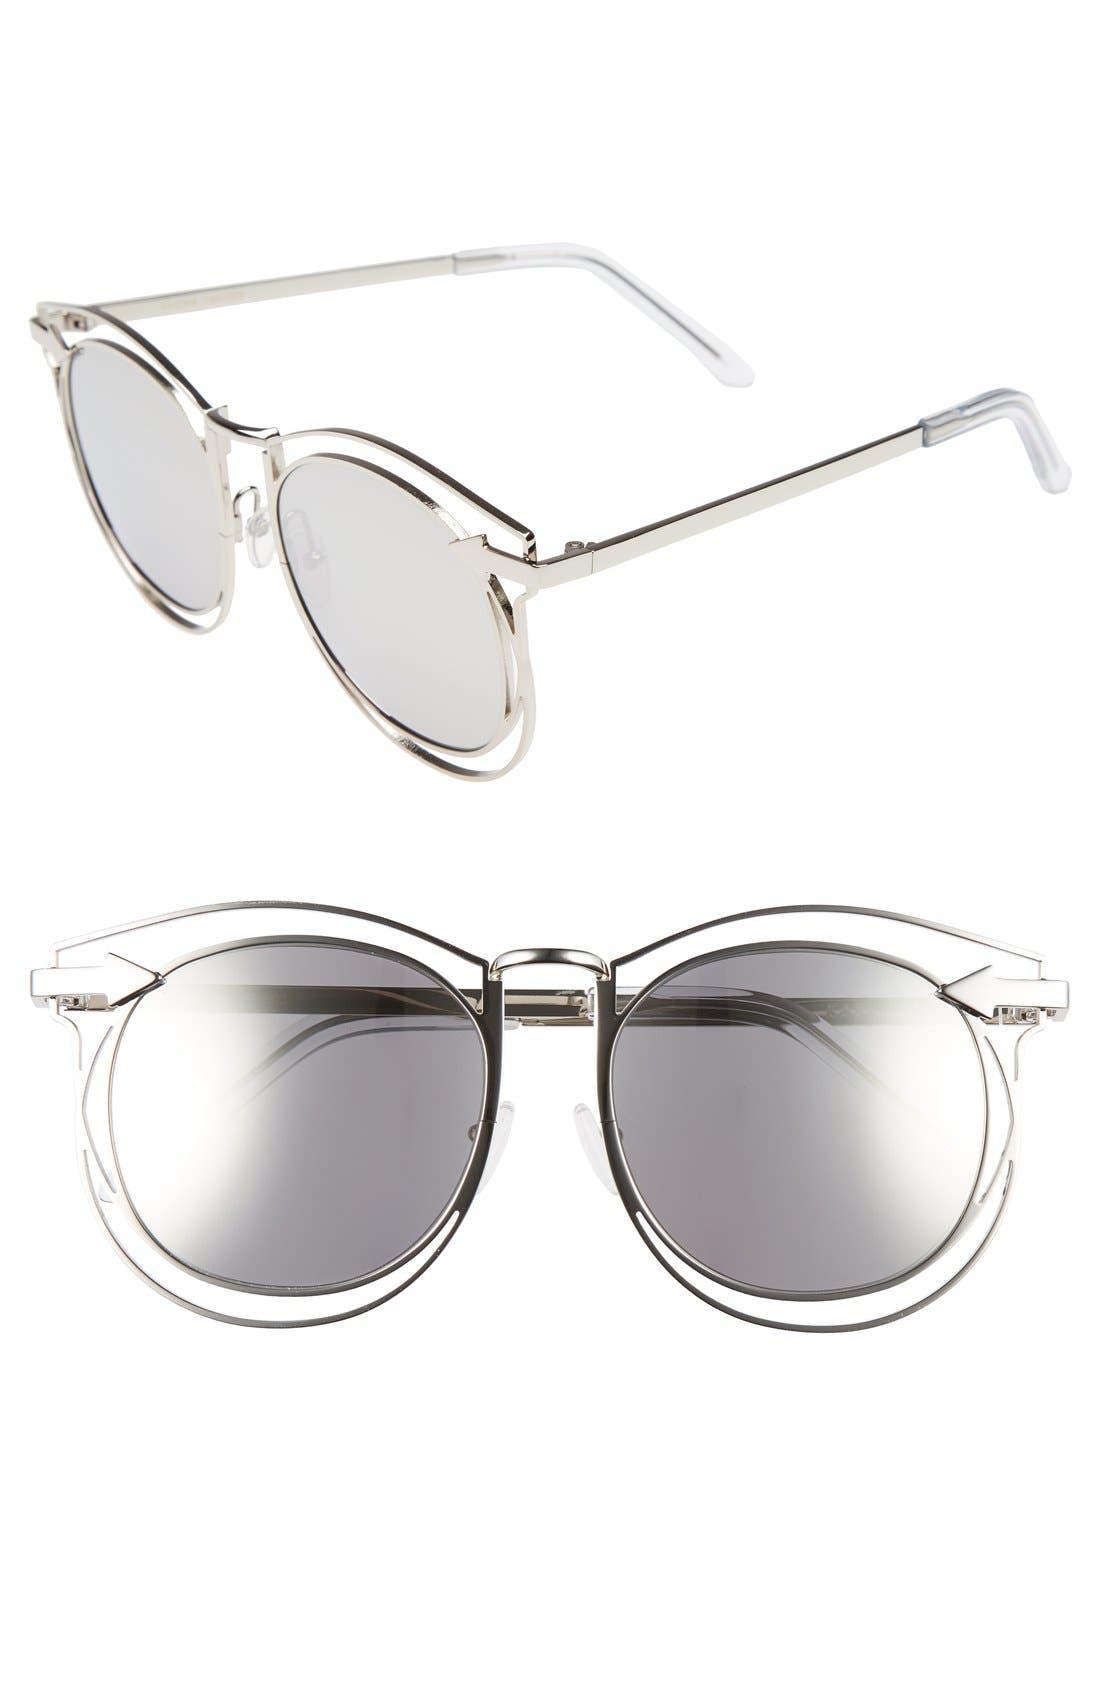 Karen Walker 'Simone' 54mm Retro Sunglasses